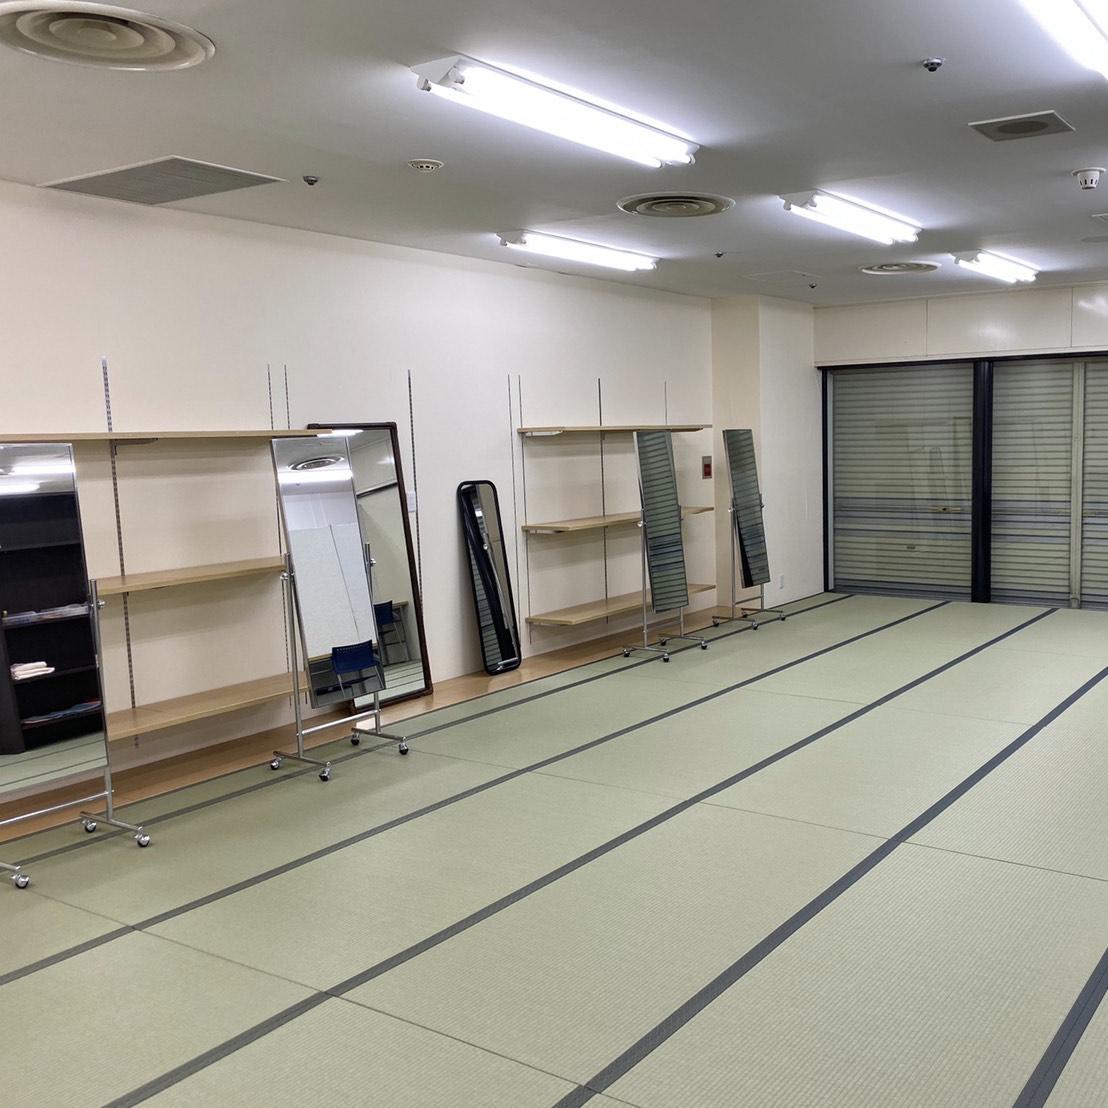 9月1日に松葉きもの学院あべのベルタ本教室が開校!